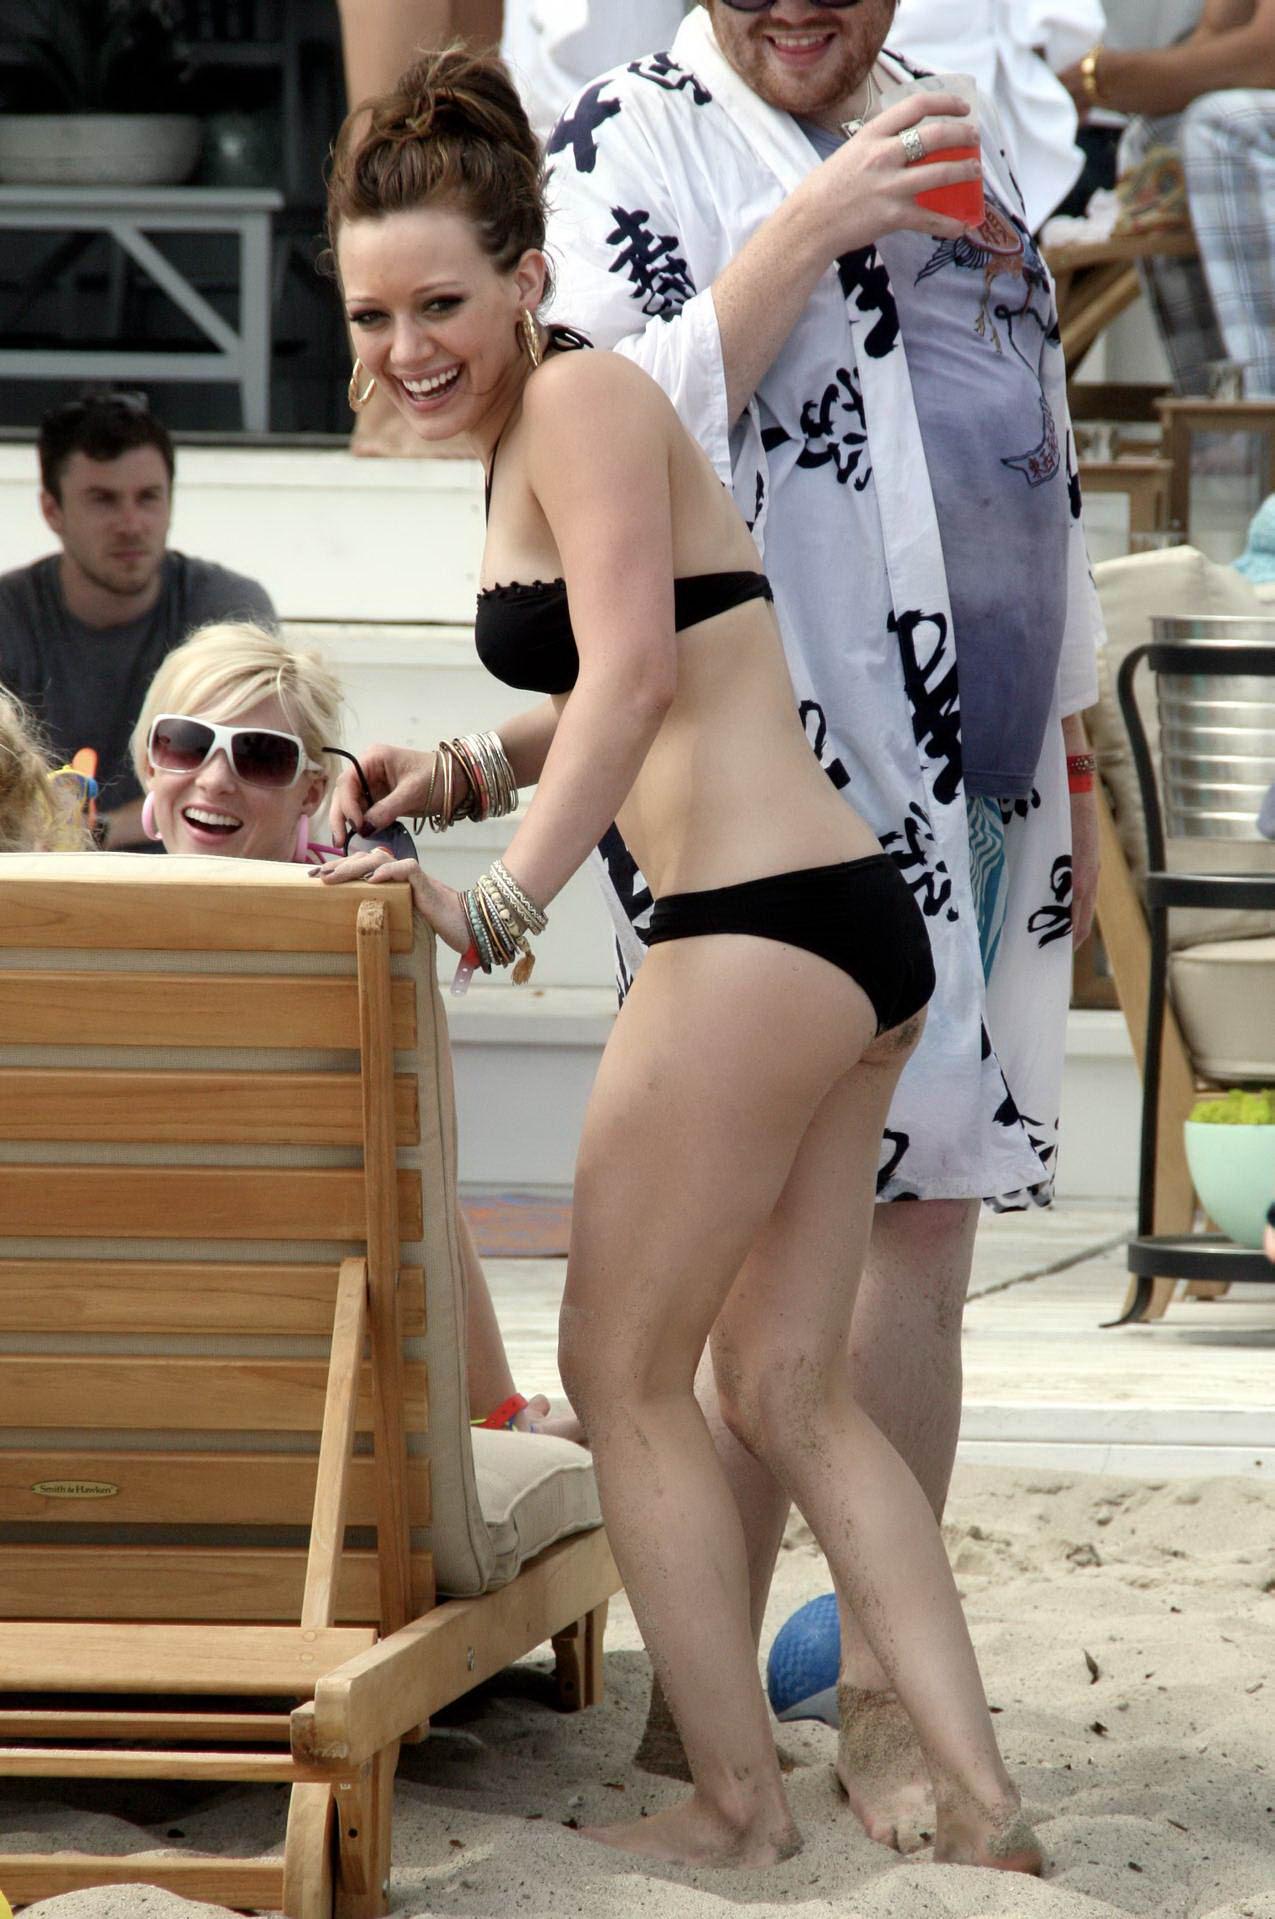 Hilary Duff Desnuda Fotos Porno De Follando Aqui Os Dejo